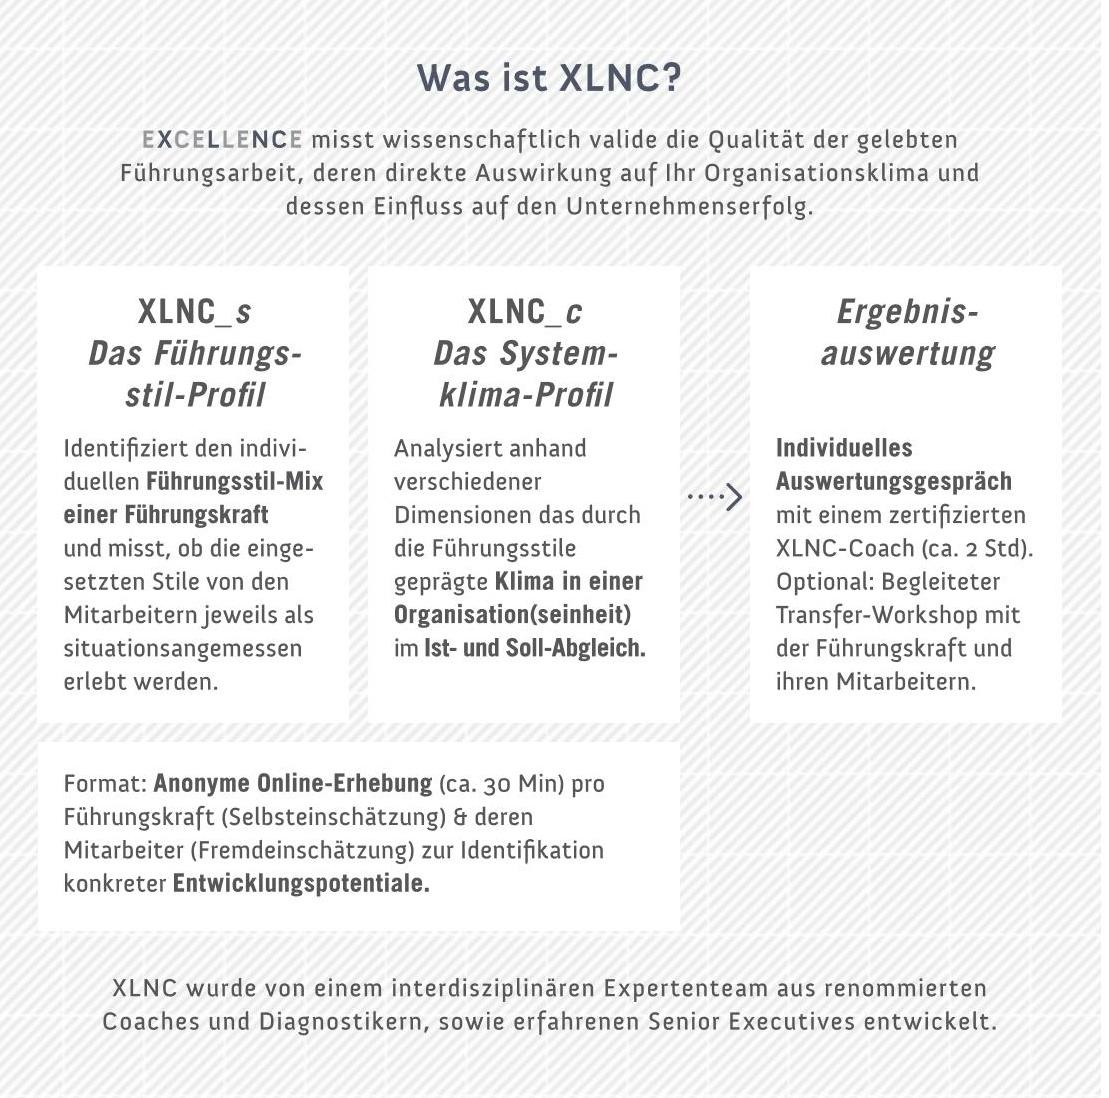 Grafik - Was ist XLNC?